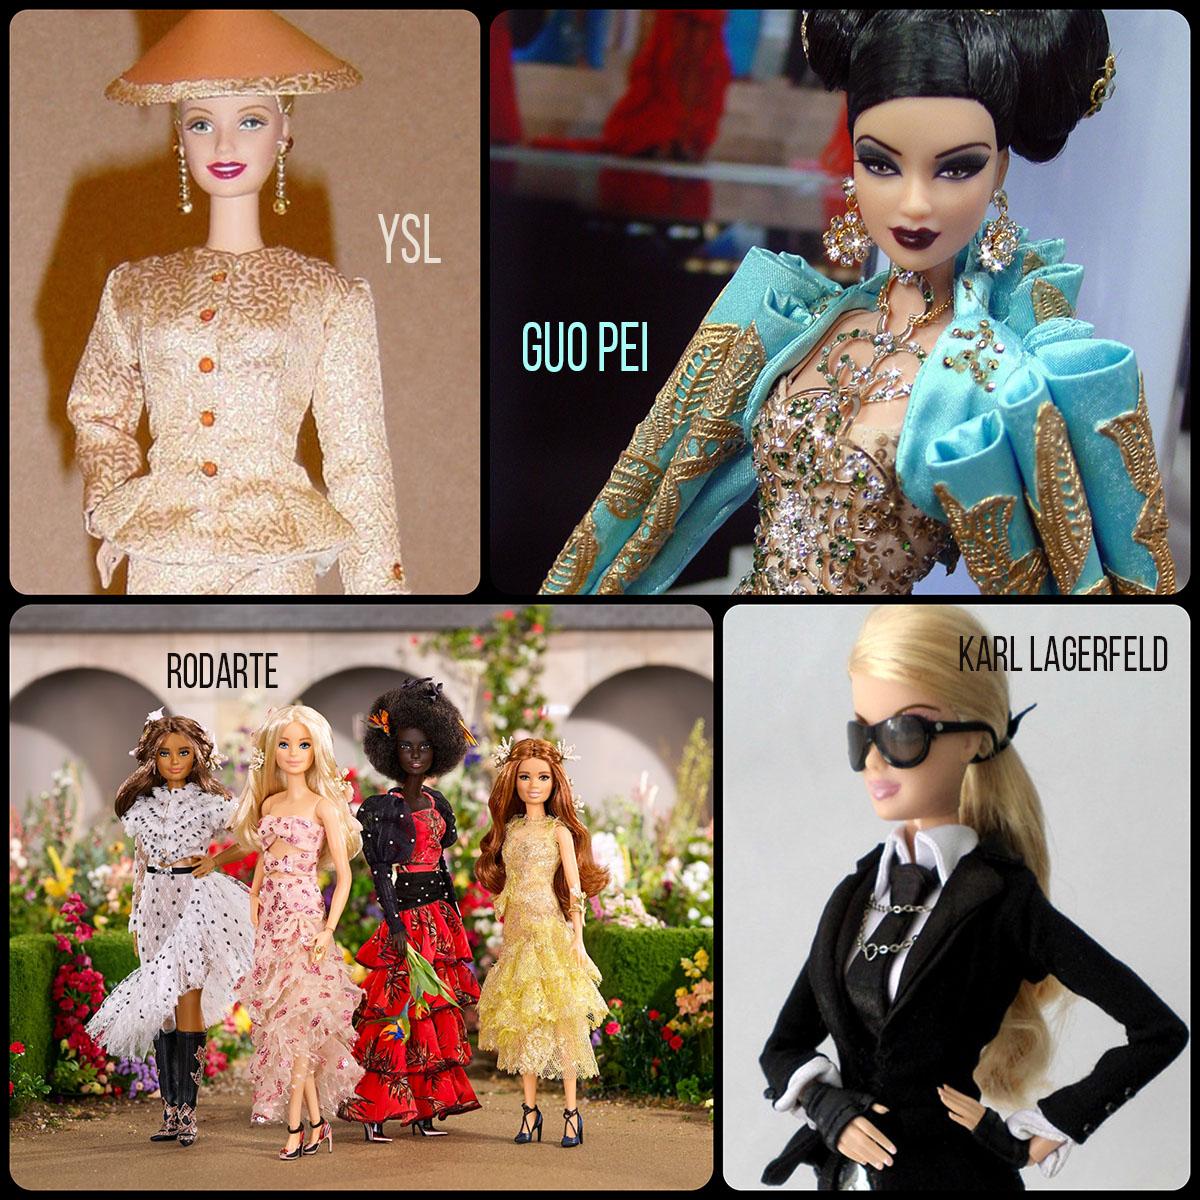 Barbie-Runway-Magazine-Rodarte-Karl-Lagerfeld-YSL-Guo-Pei